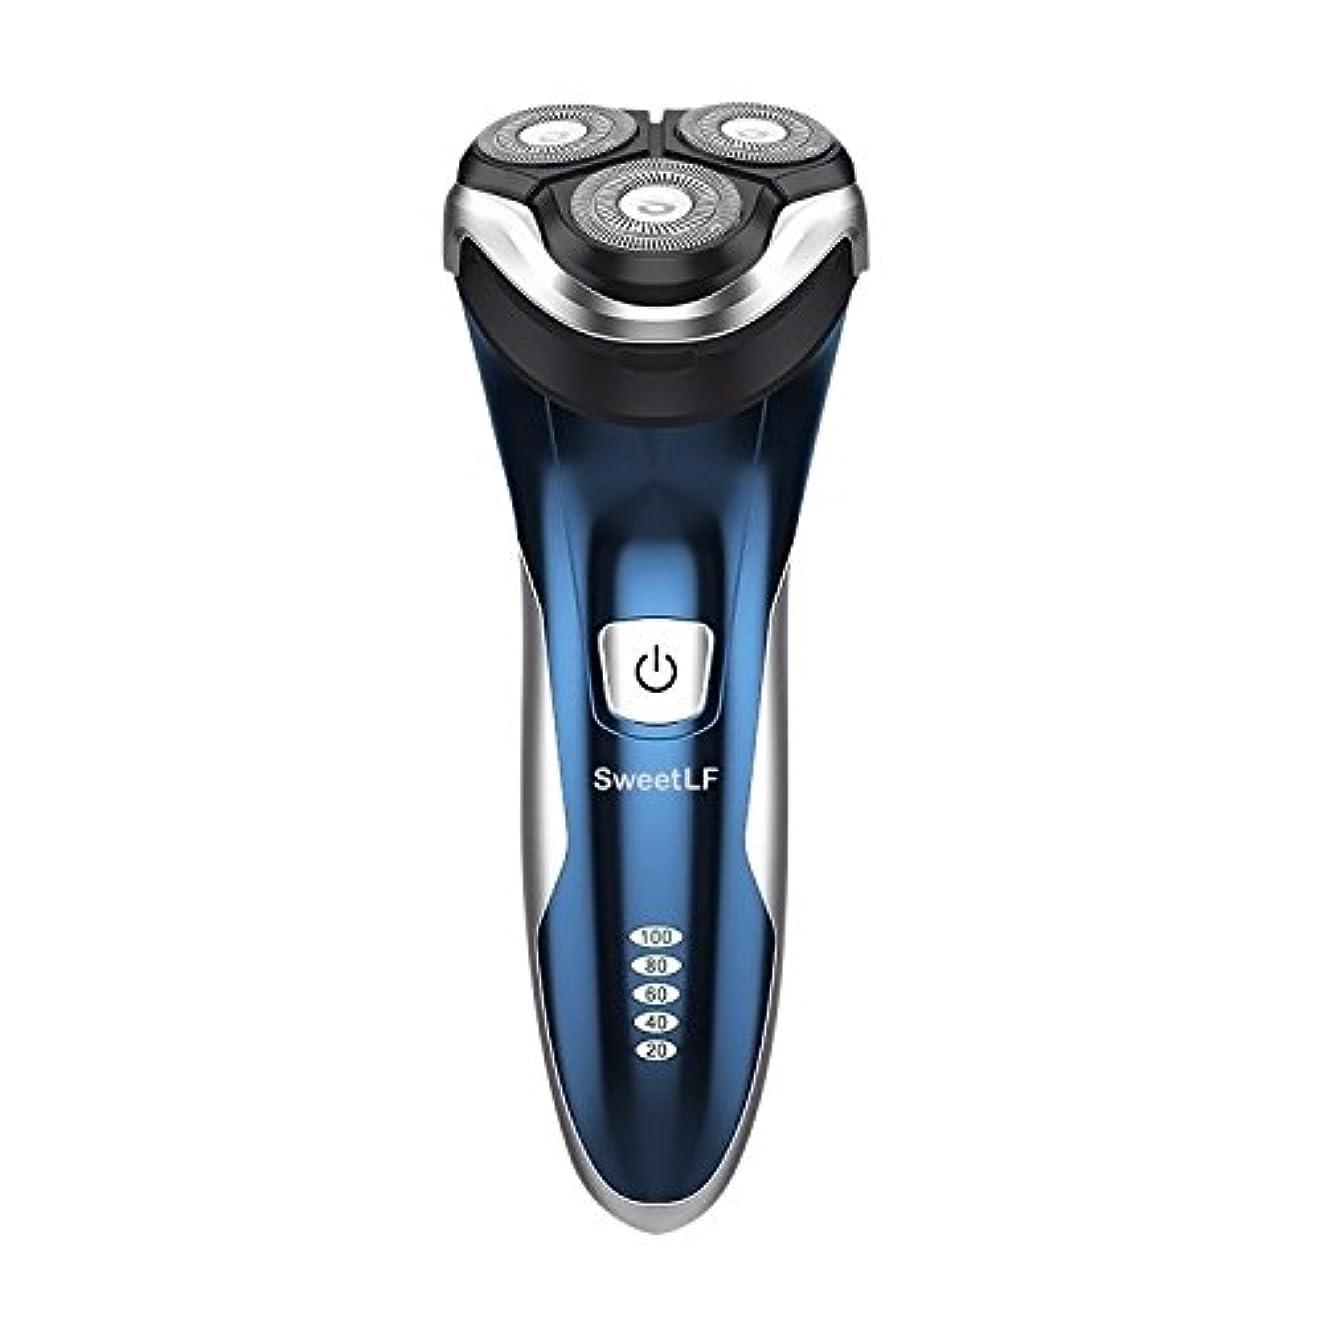 自分の役立つ思い出SweetLF メンズ 電気シェーバー ひげそり 電気カミソリ 回転式 3枚刃 USB充電式 IPX7防水 お風呂剃り可 LEDディスプレイ トリマー付き